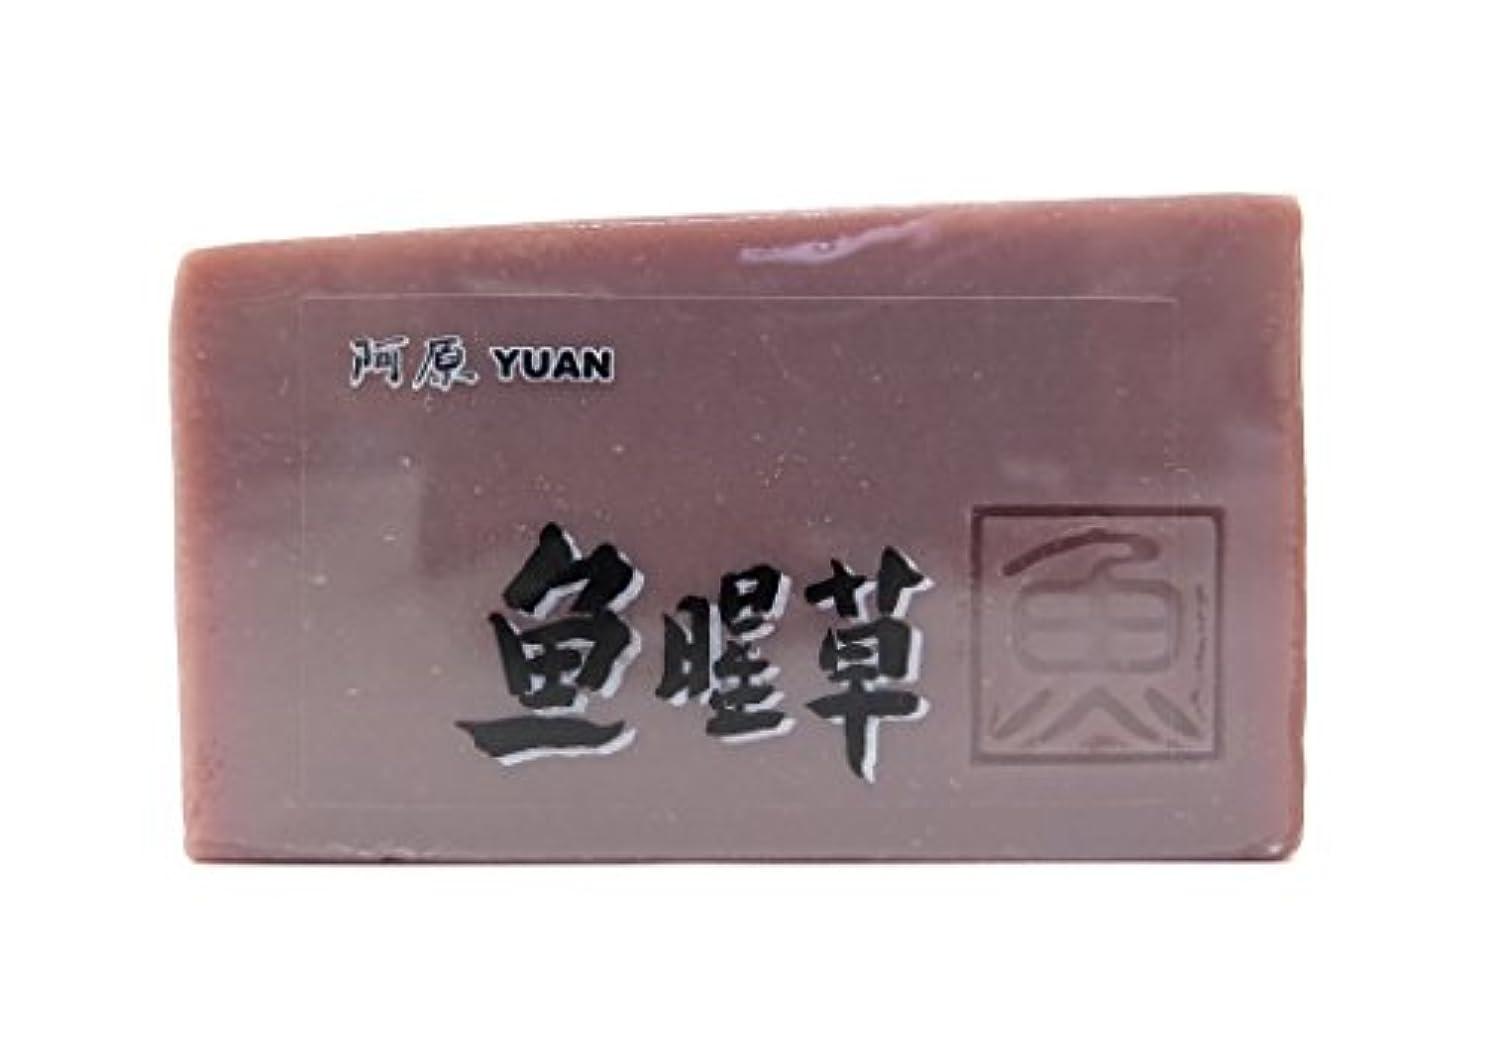 蒸留するキャップ実行ユアン(YUAN) ドクダミソープ 固形 100g (阿原 ユアンソープ)